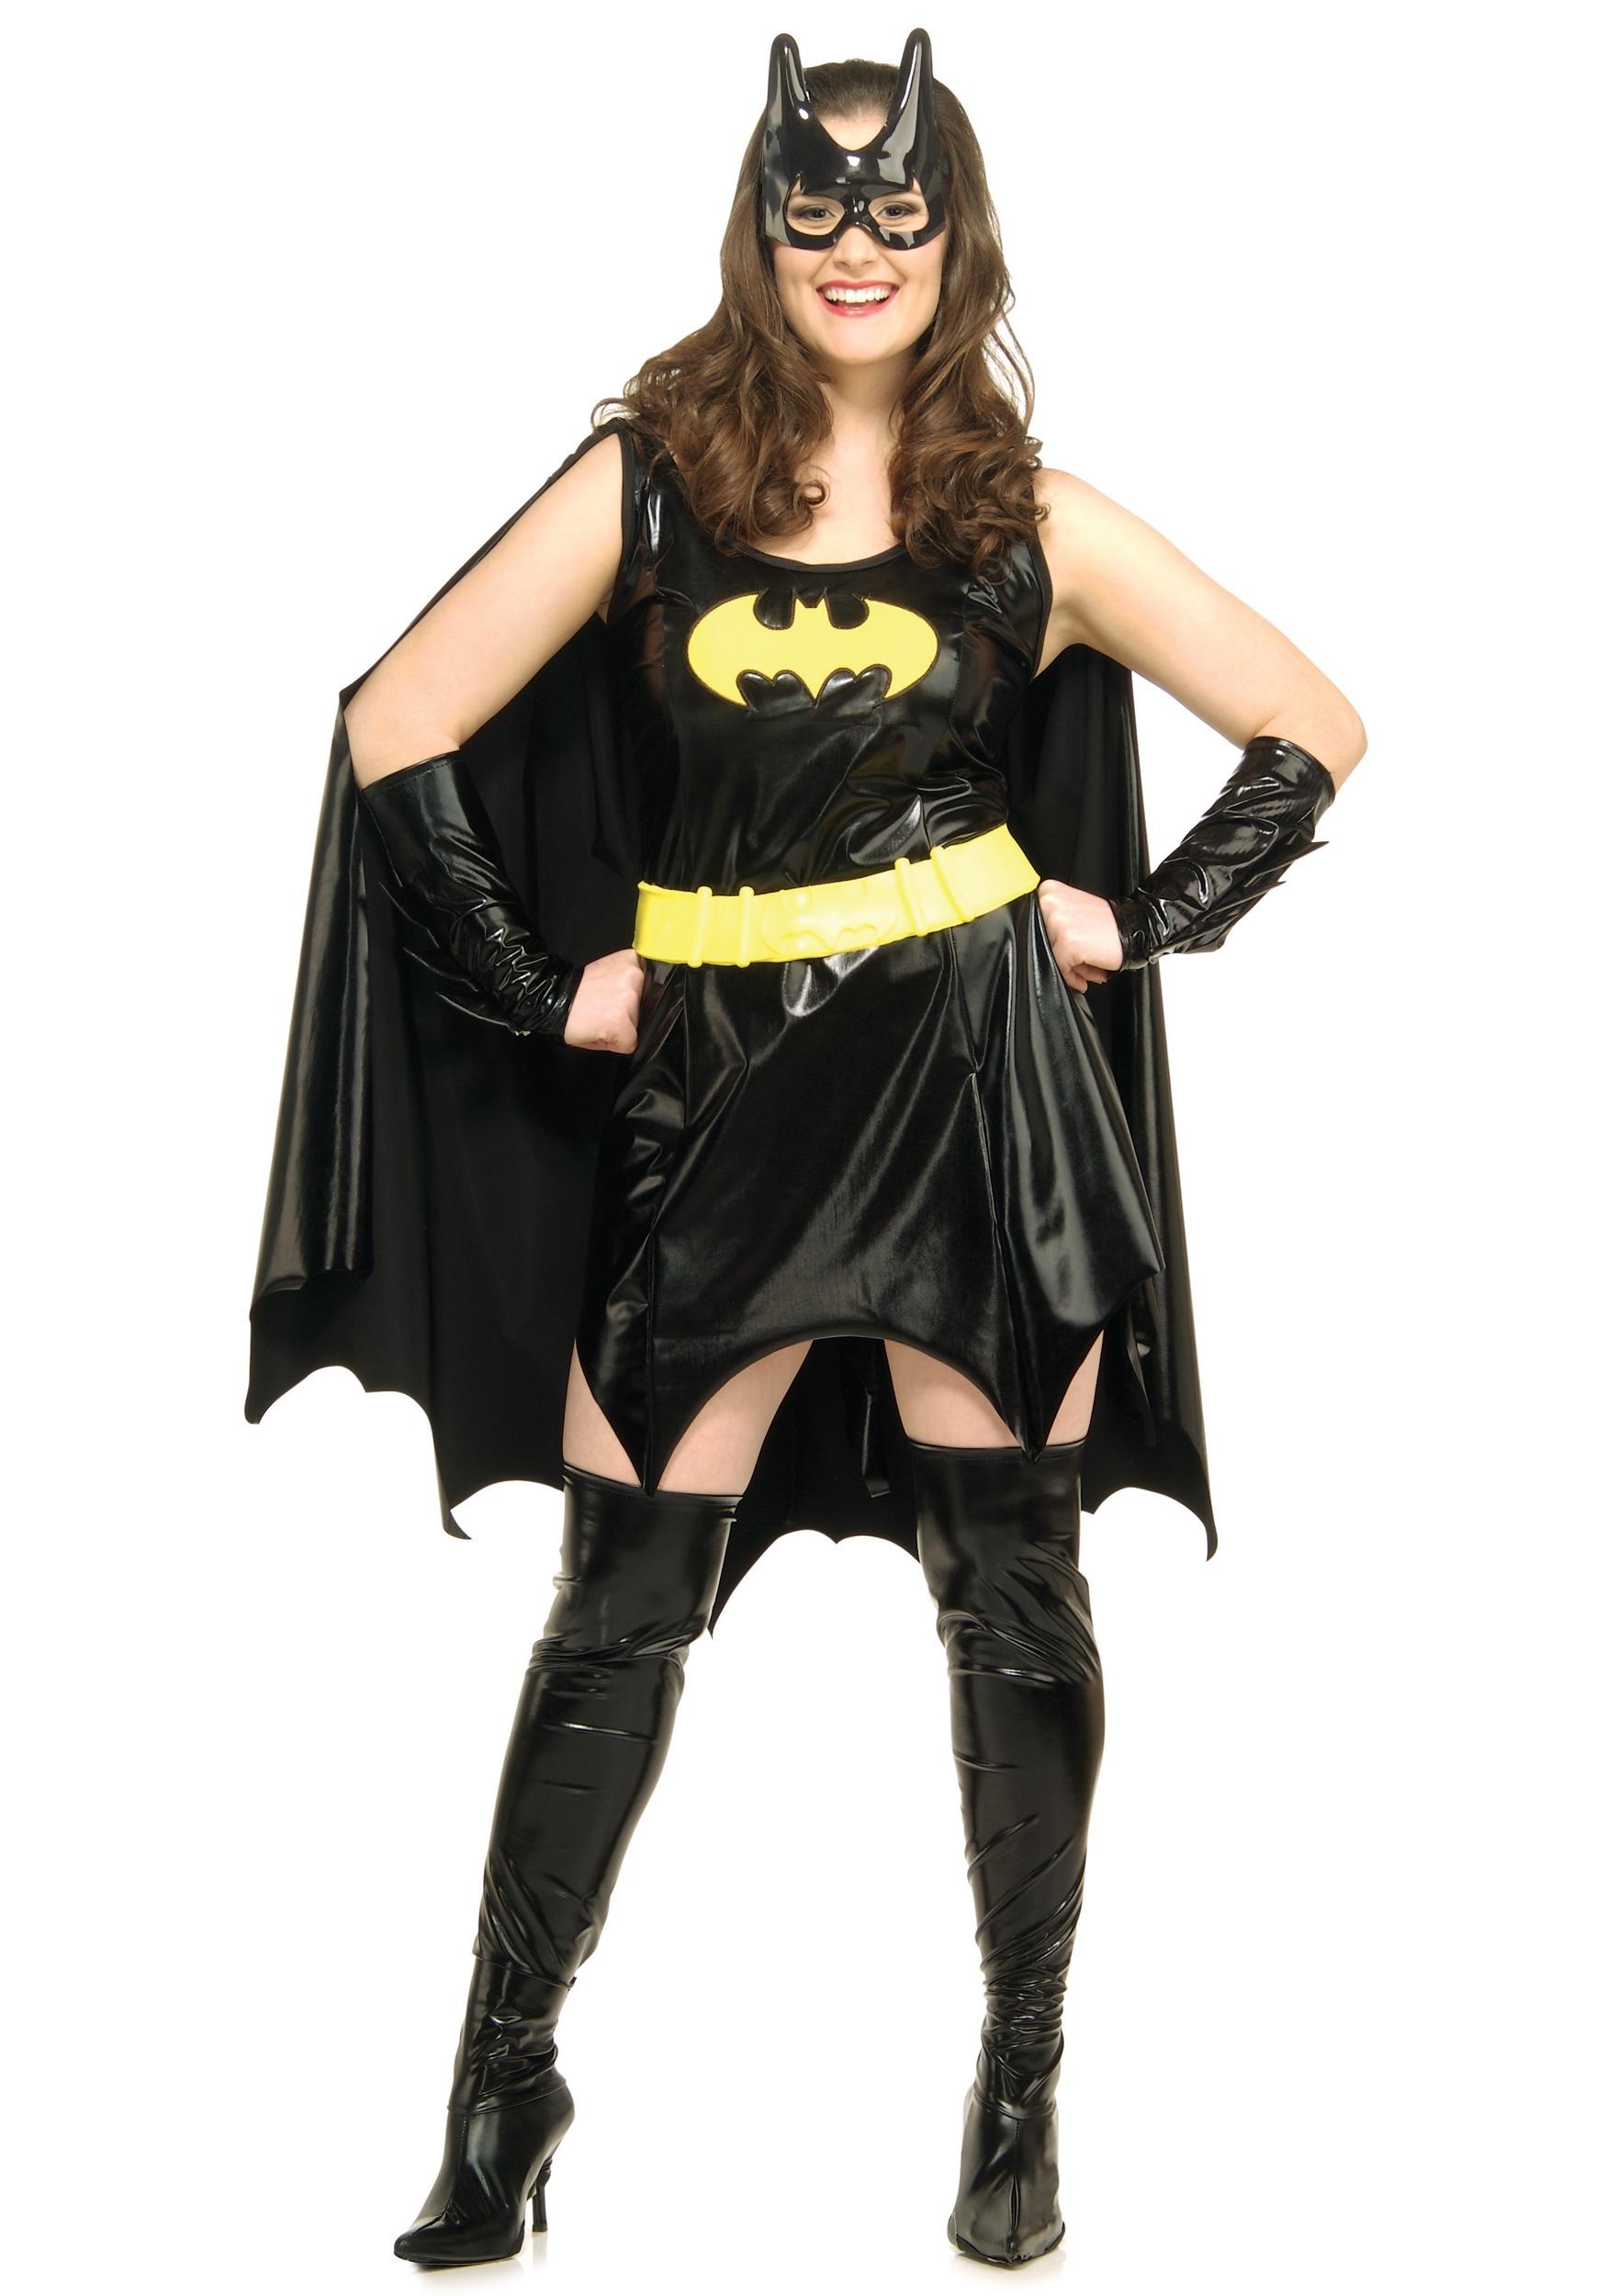 Batgirl+costume